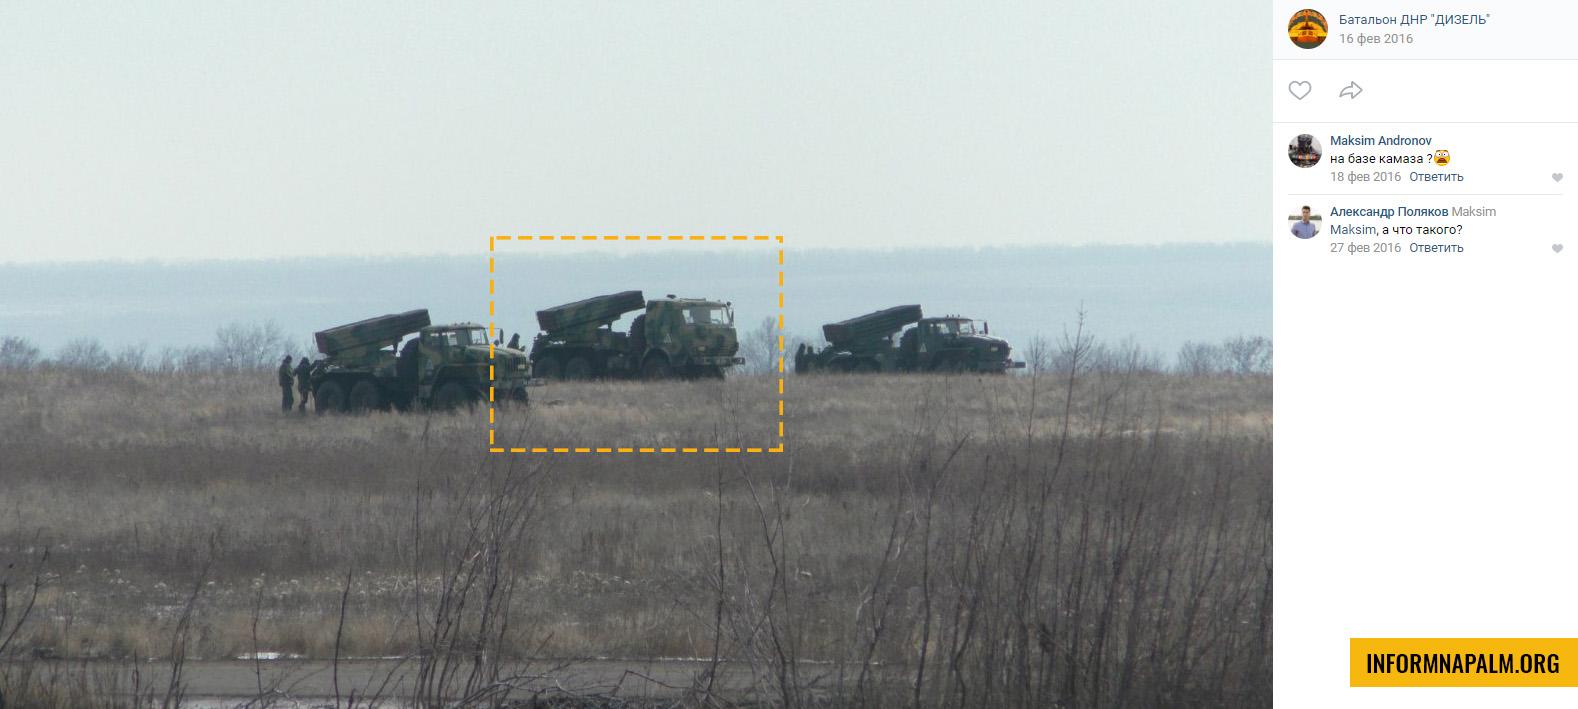 Ryskt 2B26 Grad-raketartillerisystem